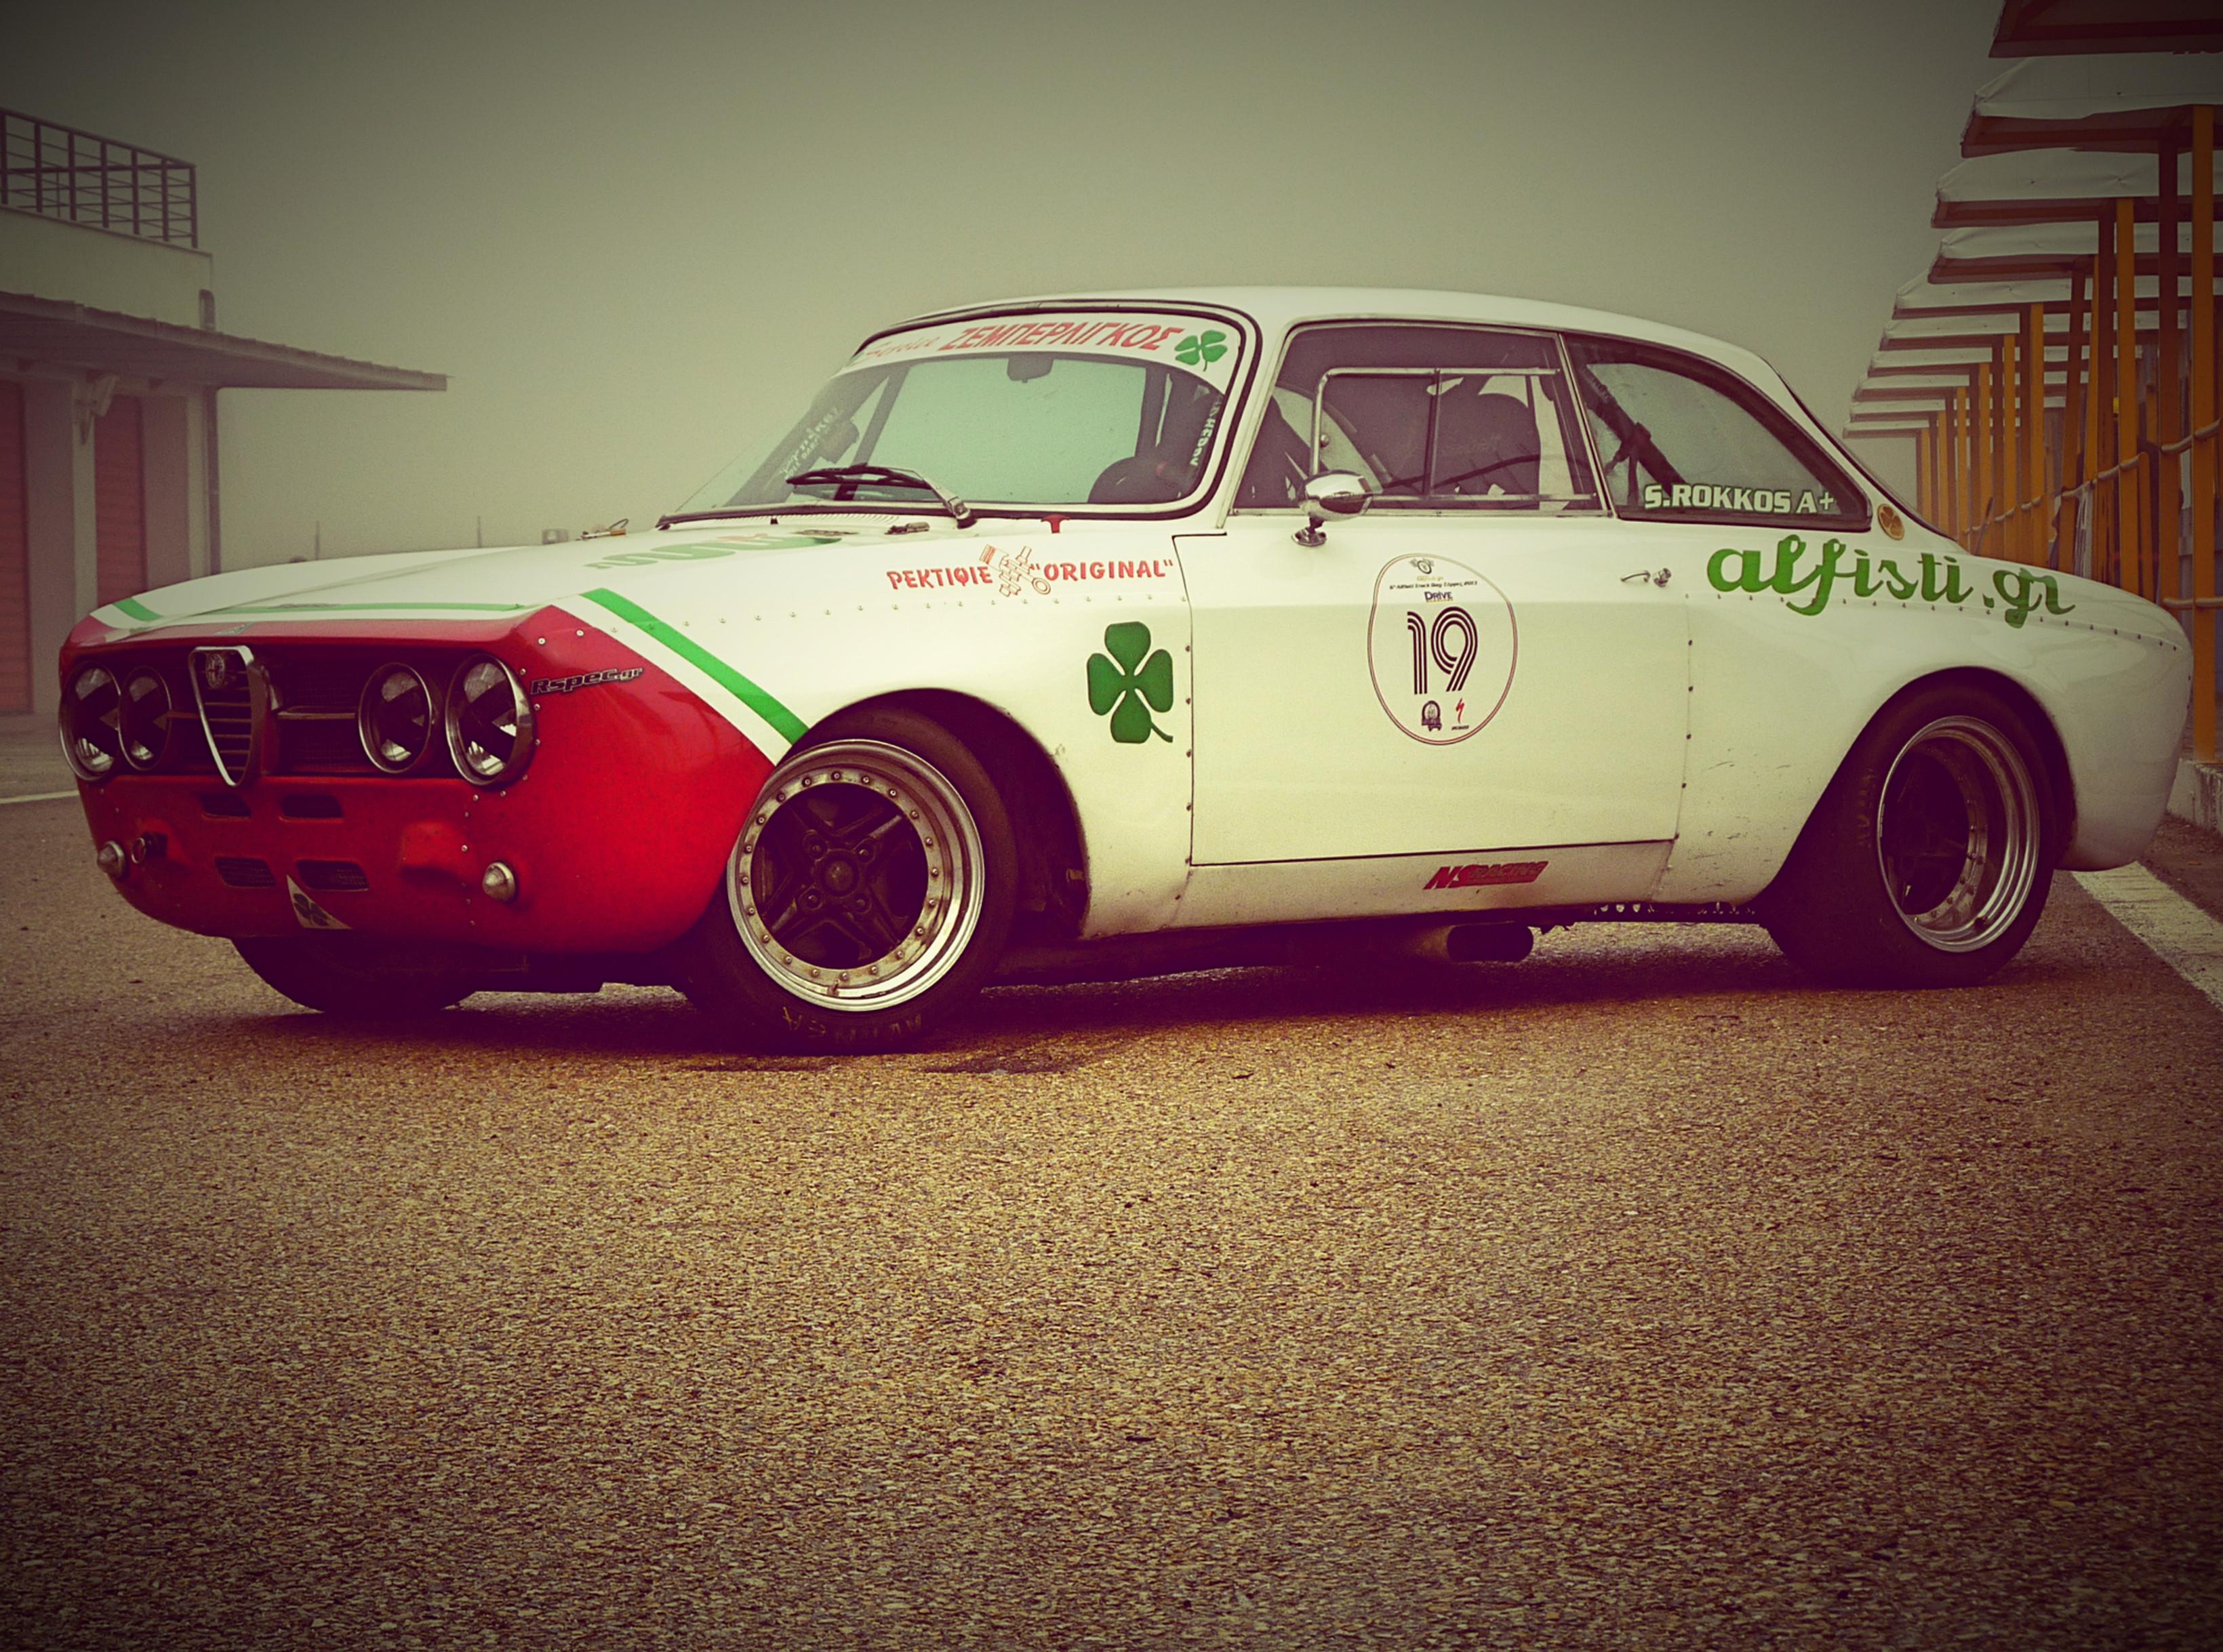 1971 Alfa Romeo 1750 Gtam S Rokkos